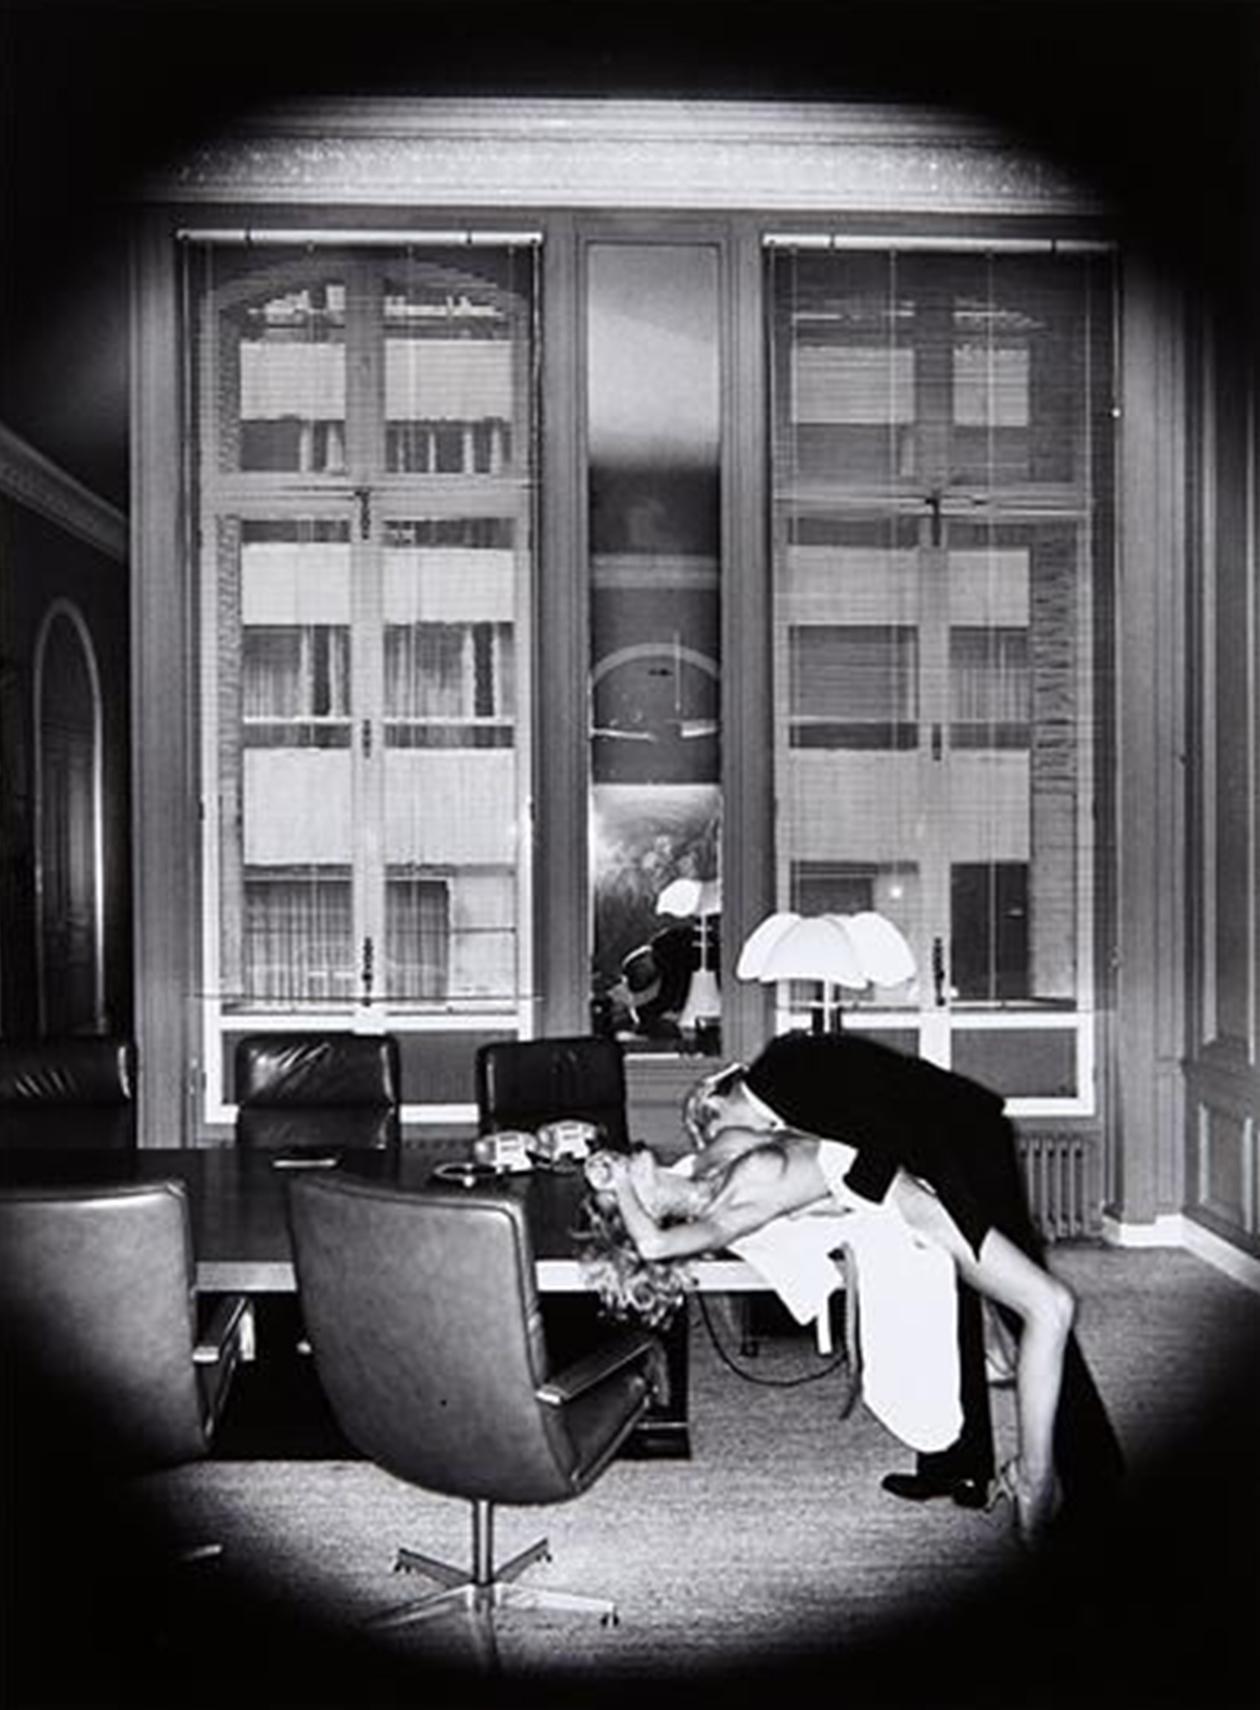 Office Love, 1976 - Paris 20x24, signed Helmut Newton, Paris, 1982 w/copyright